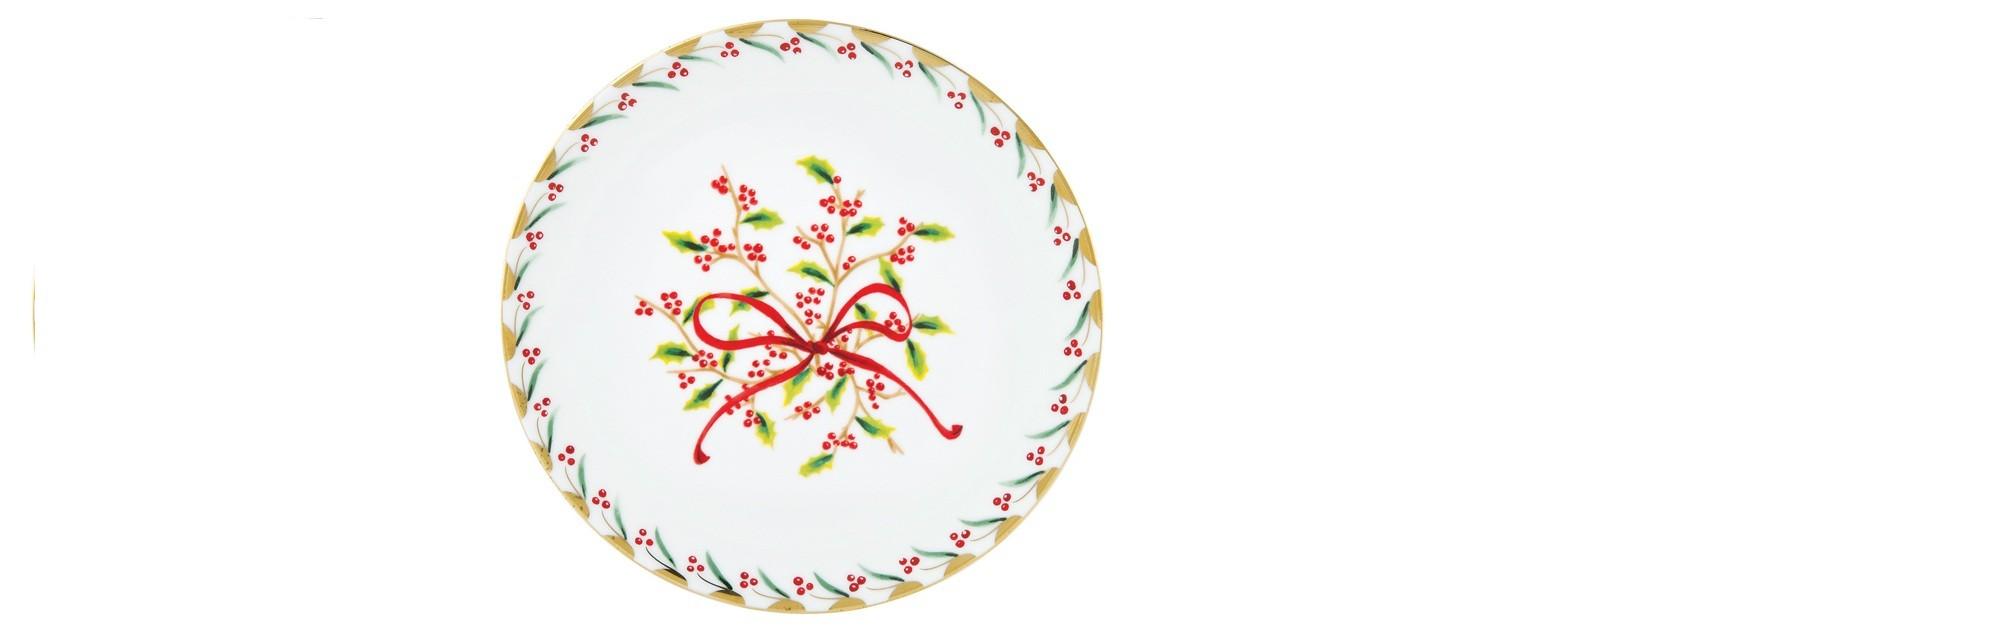 Πιάτο Φρούτου Στρογγυλό Κορδέλα Noel 21cm Ionia home   ειδη σερβιρισματος   πιάτα